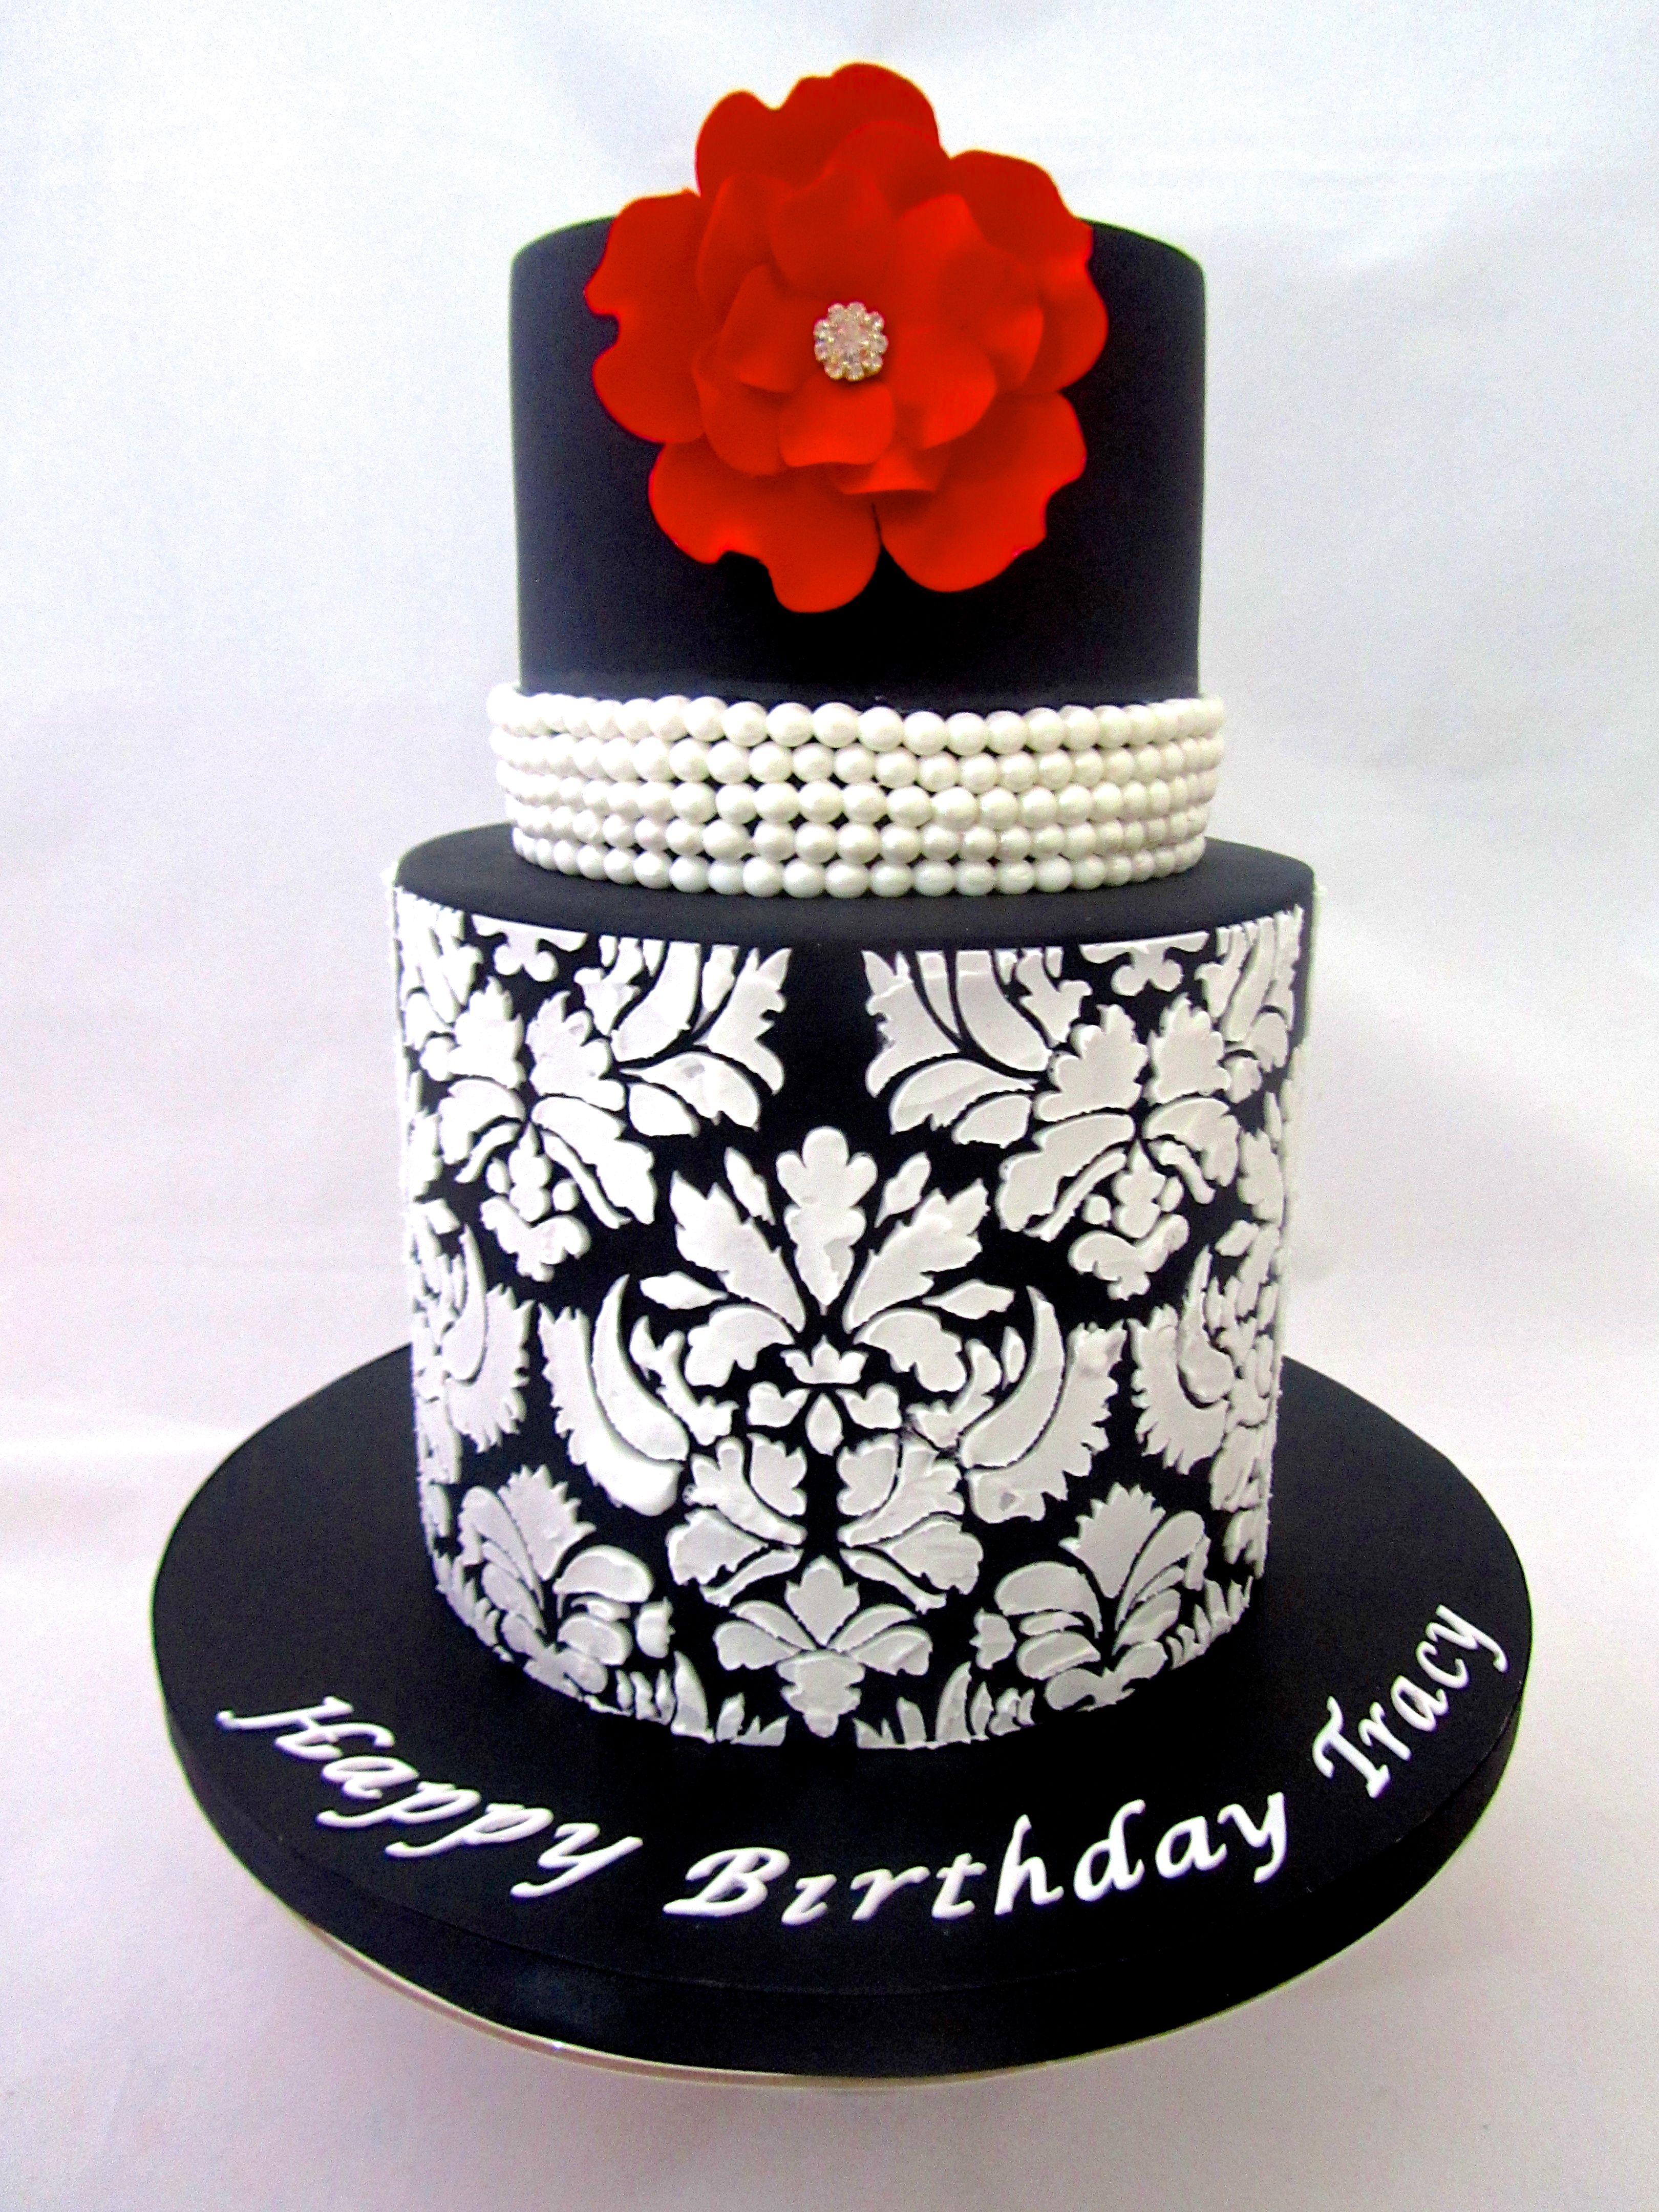 Elegant Birthday Cake Cake Ideas Pinterest Elegant birthday